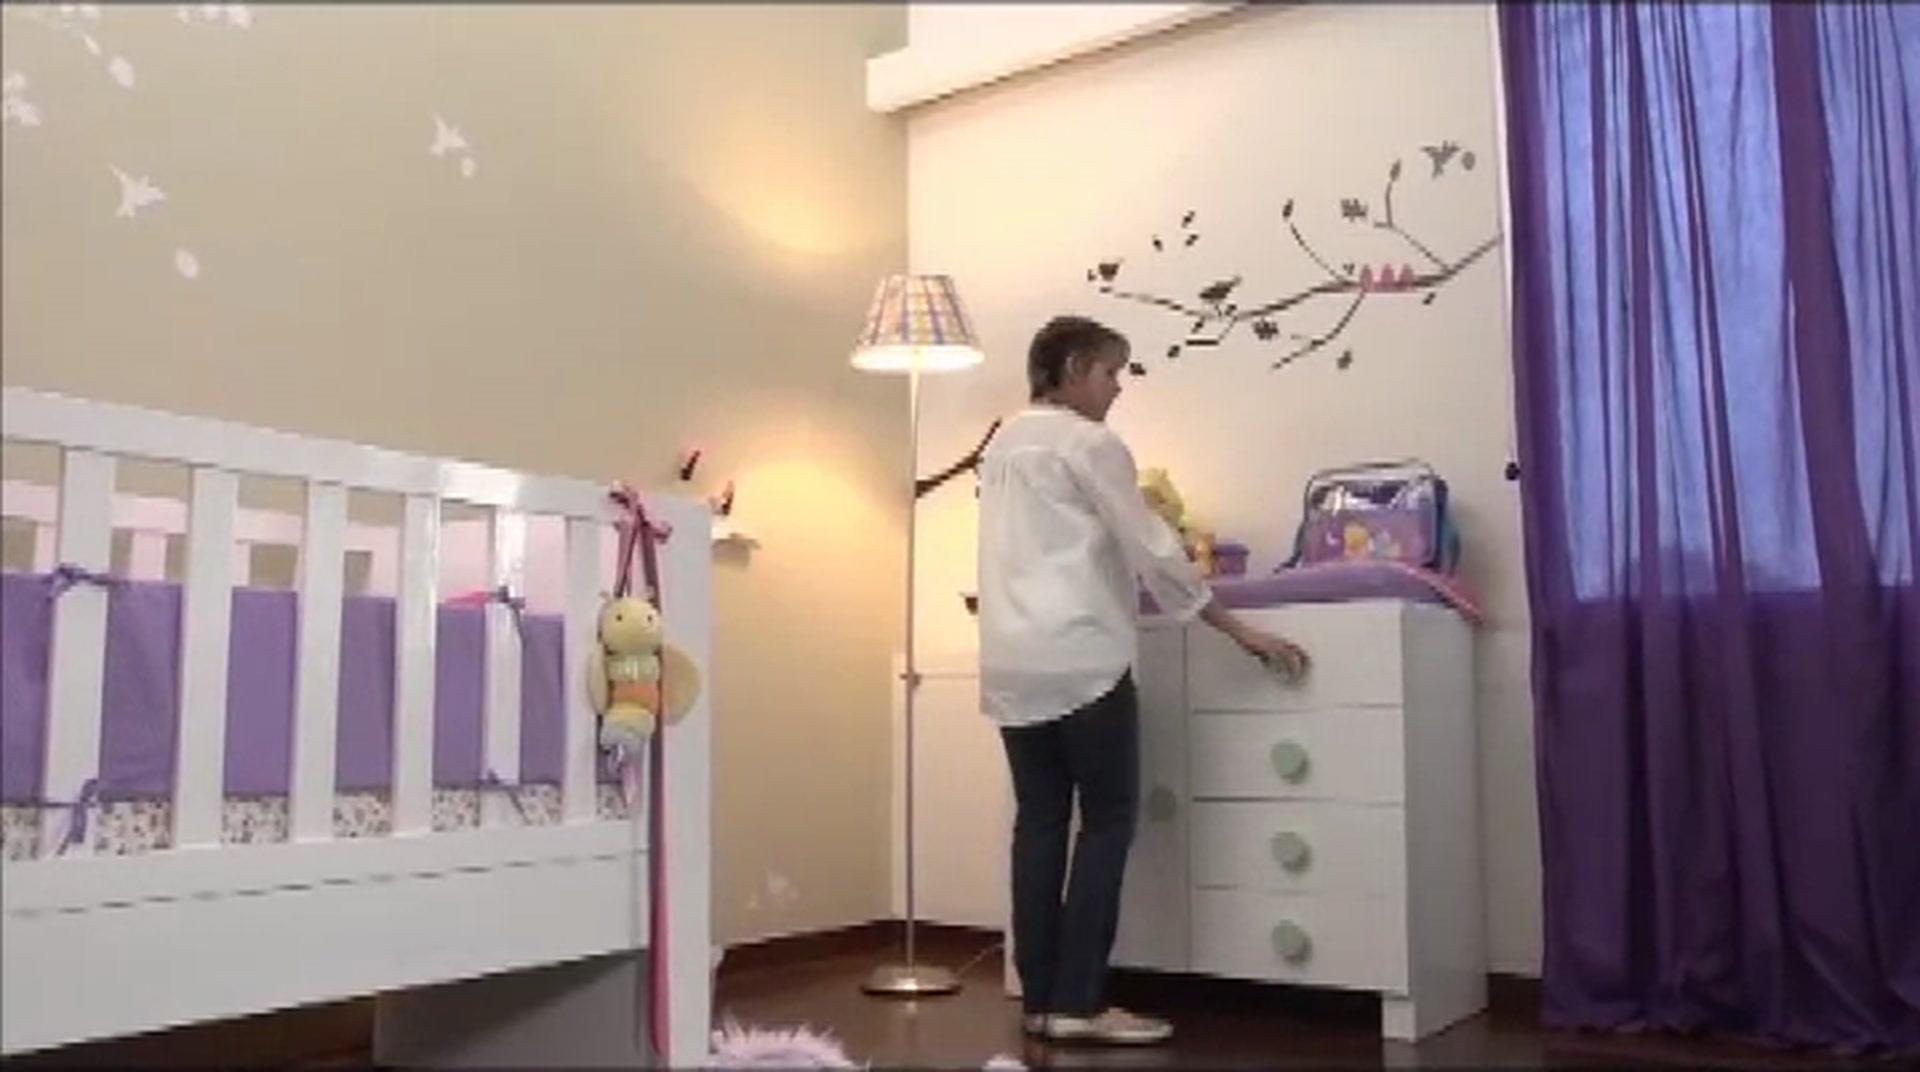 Cuando llega más de un pequeñín: gemelos o mellizos